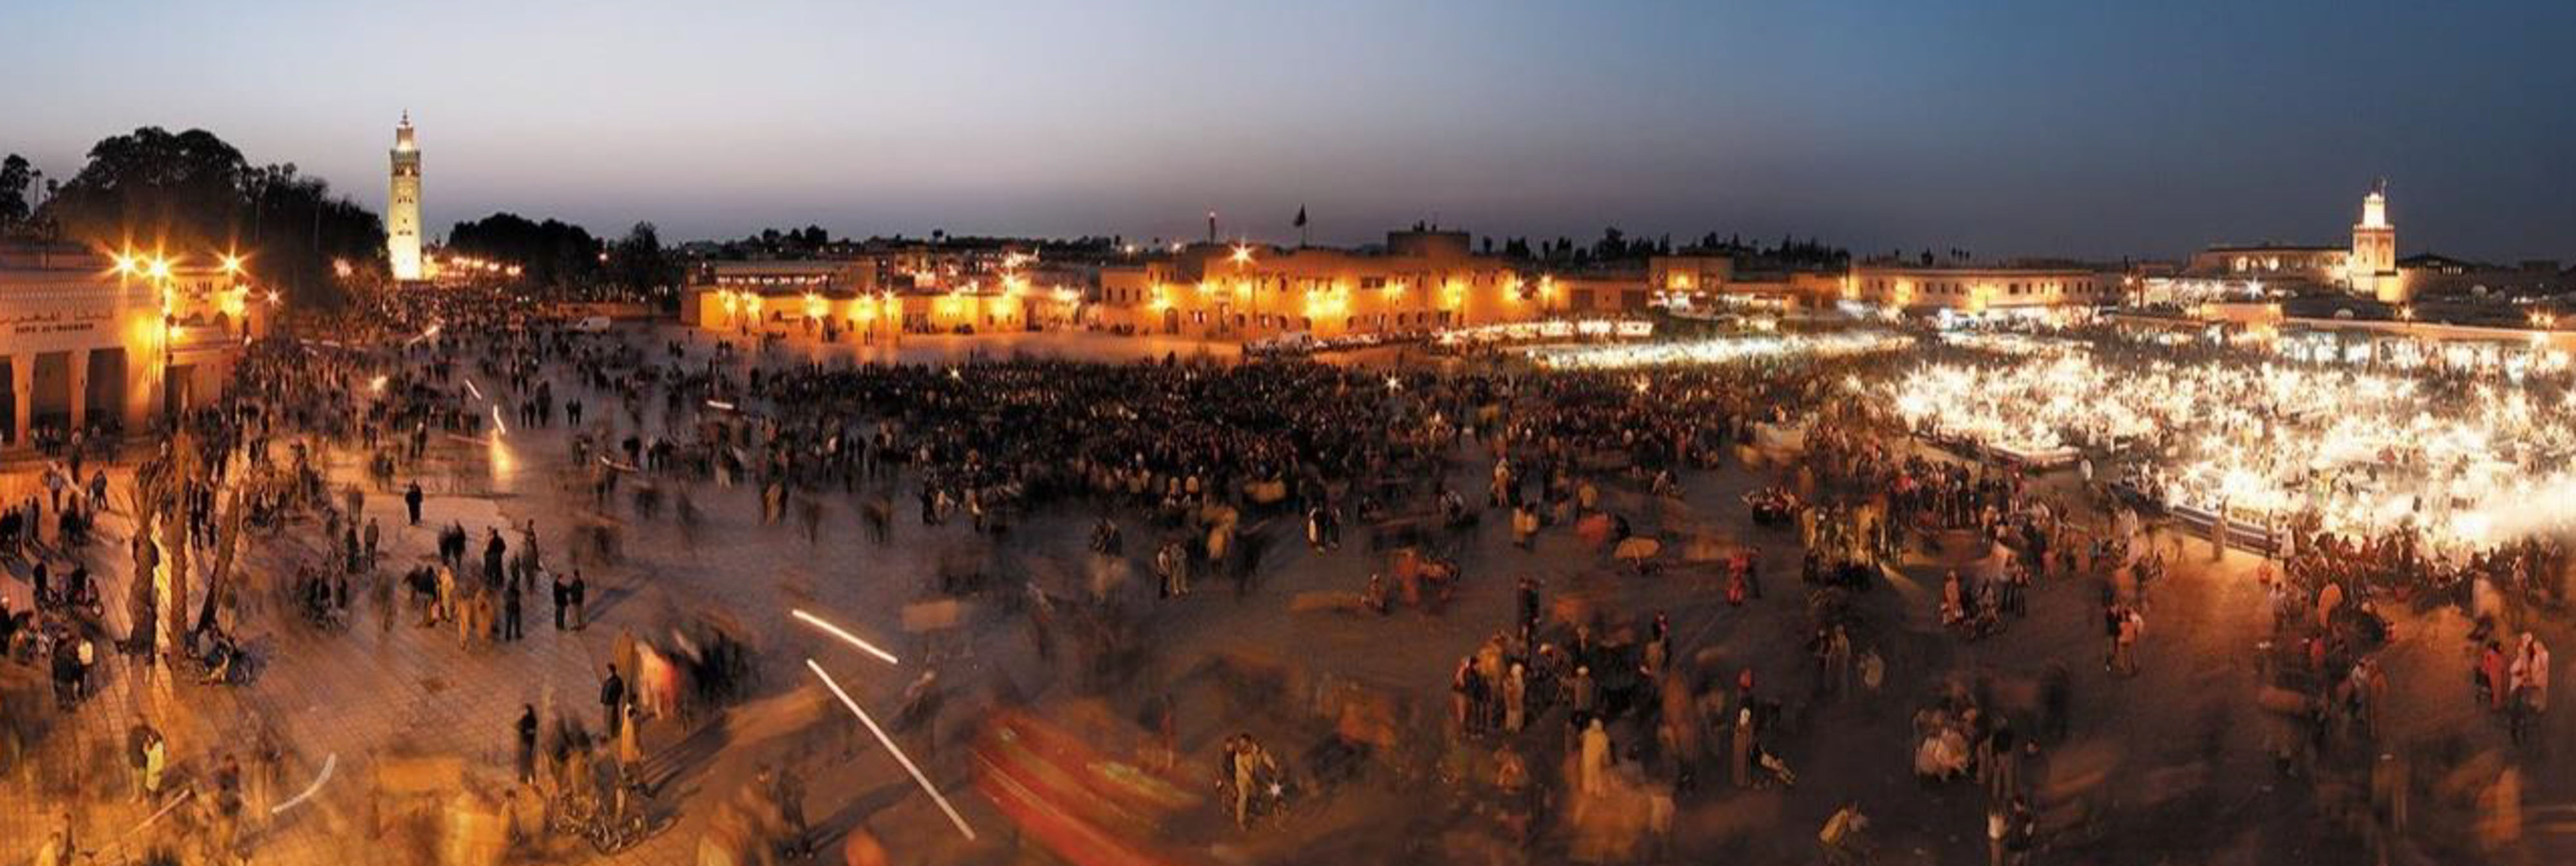 Trouwen in Marokko